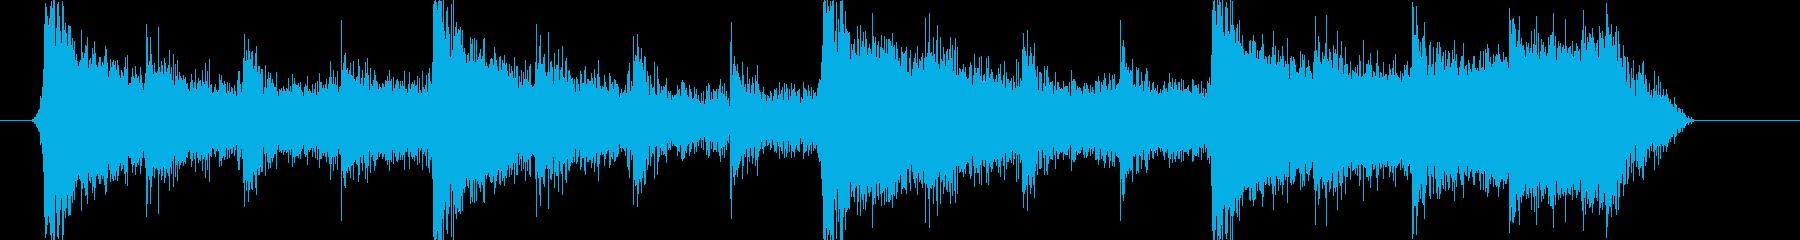 ゲーム、映画の短い予告映像用の曲の再生済みの波形